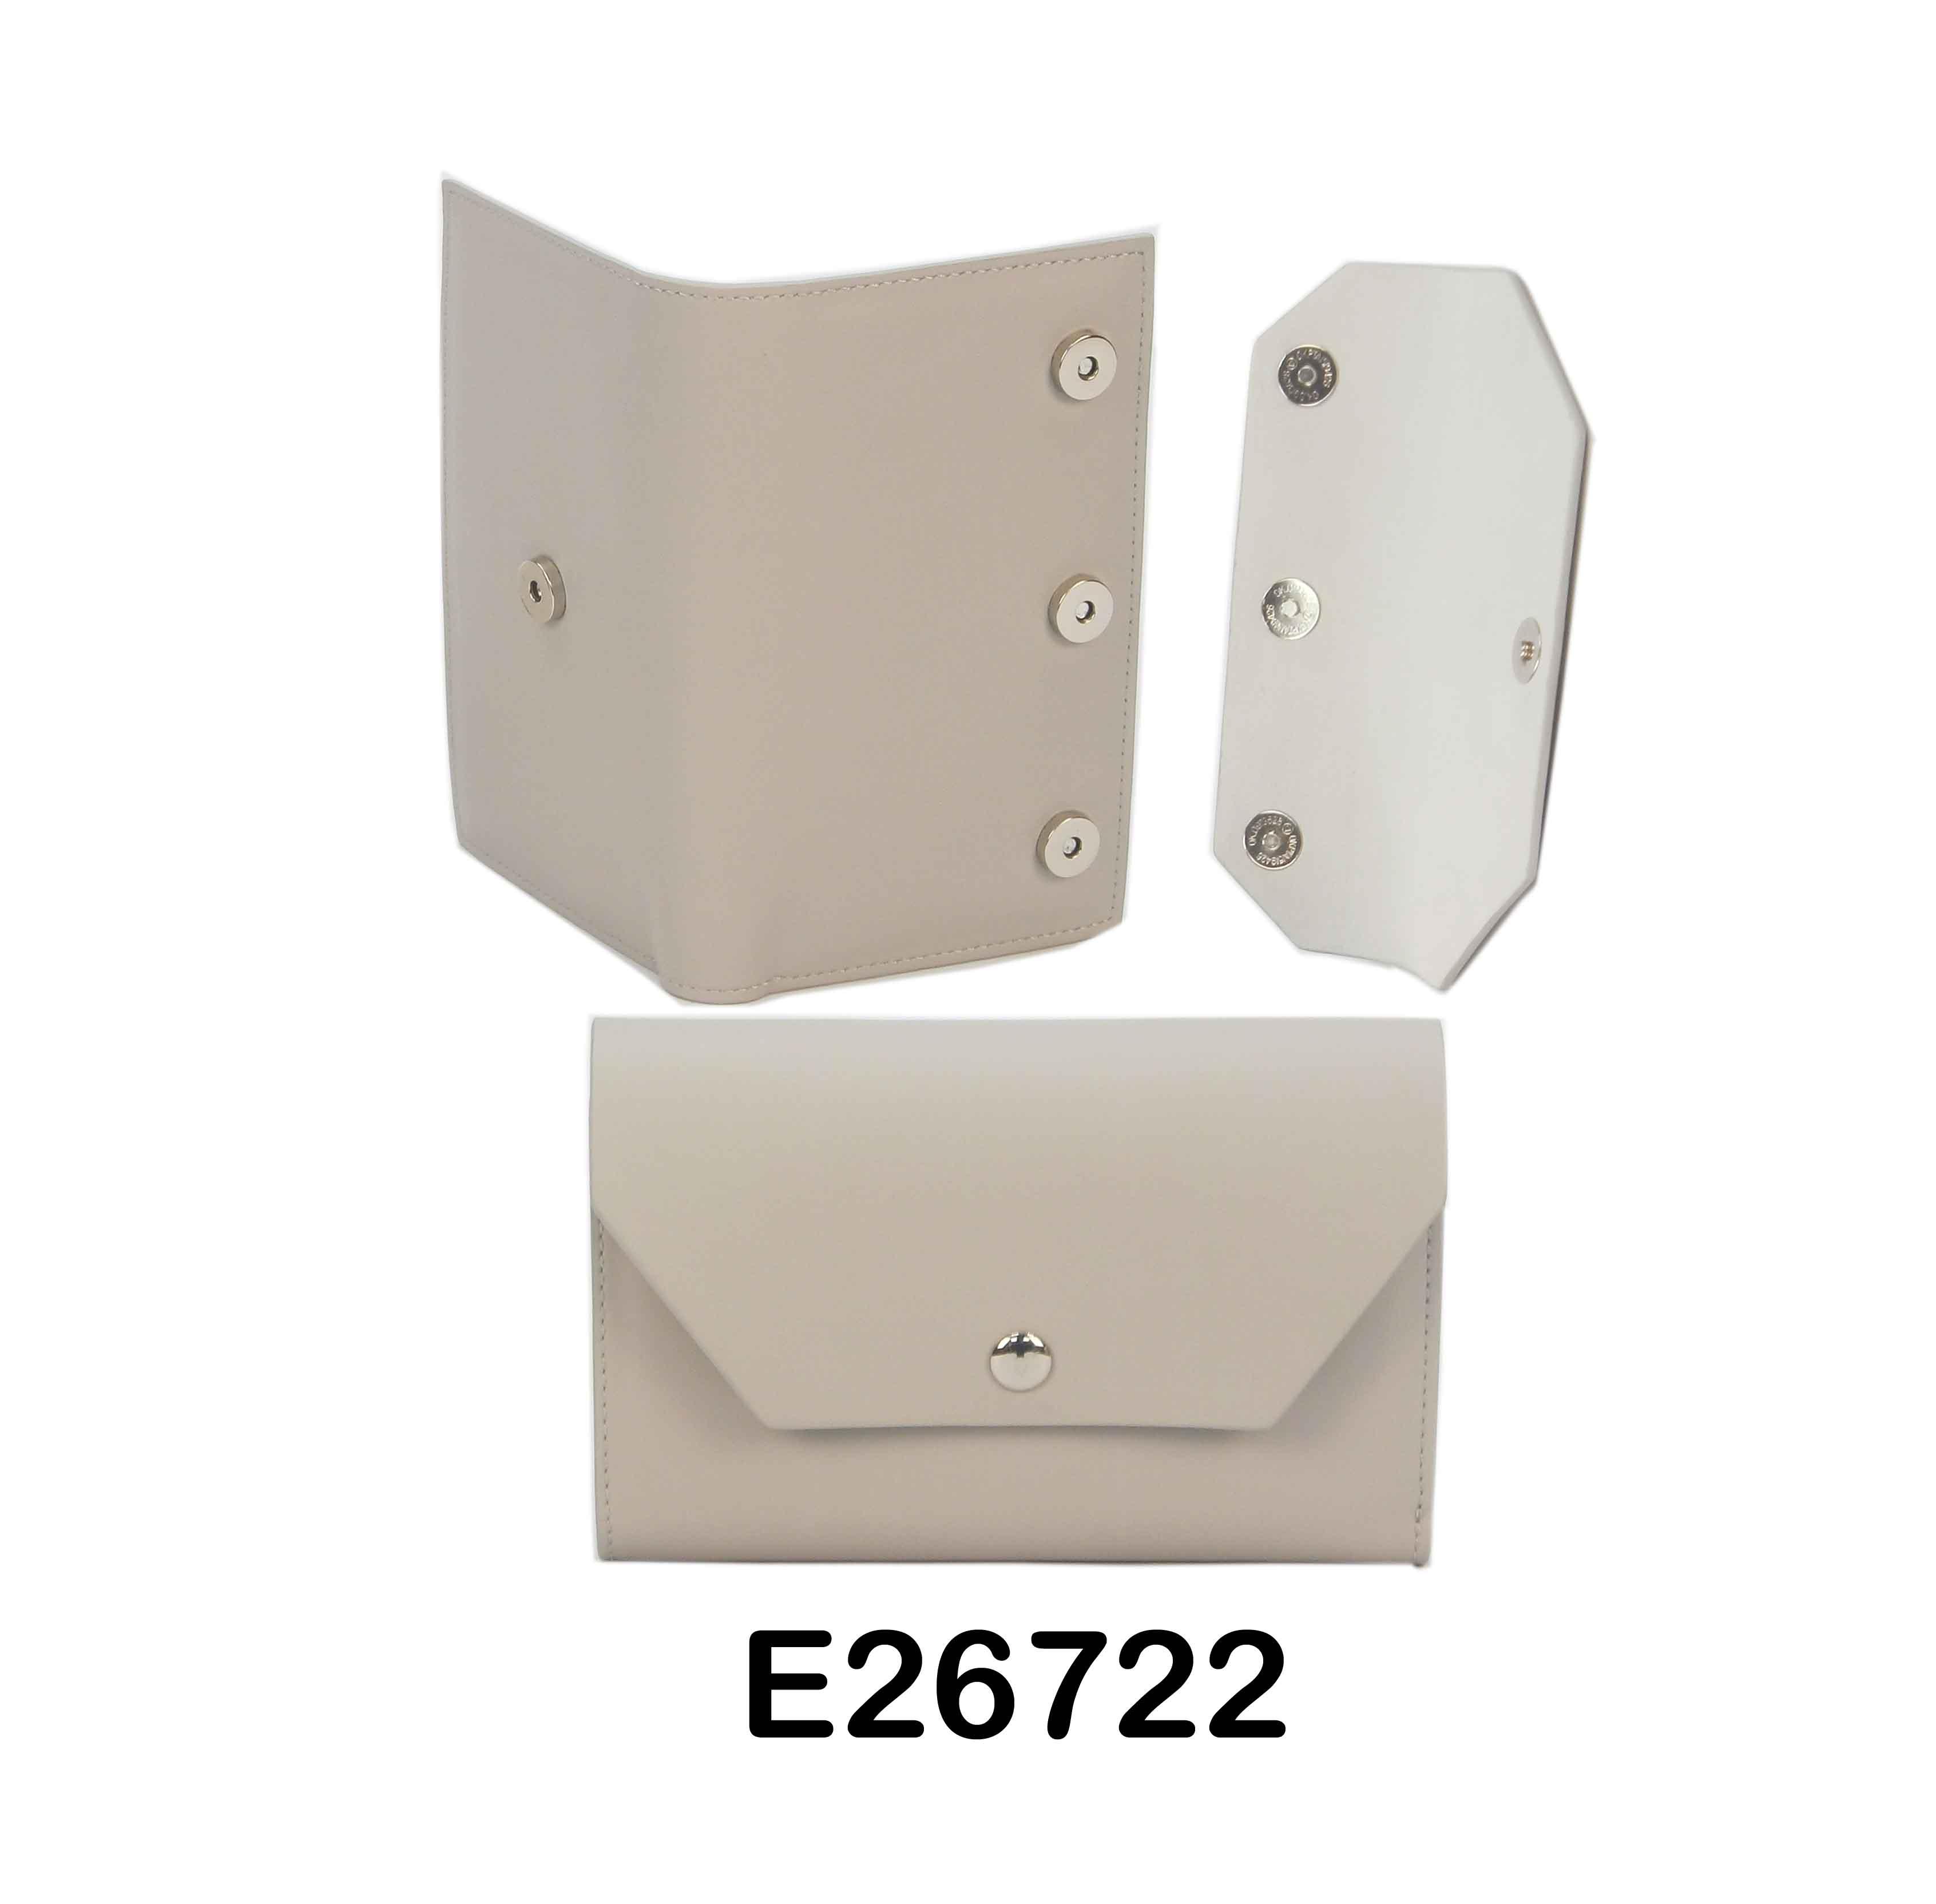 E26722 TE-1